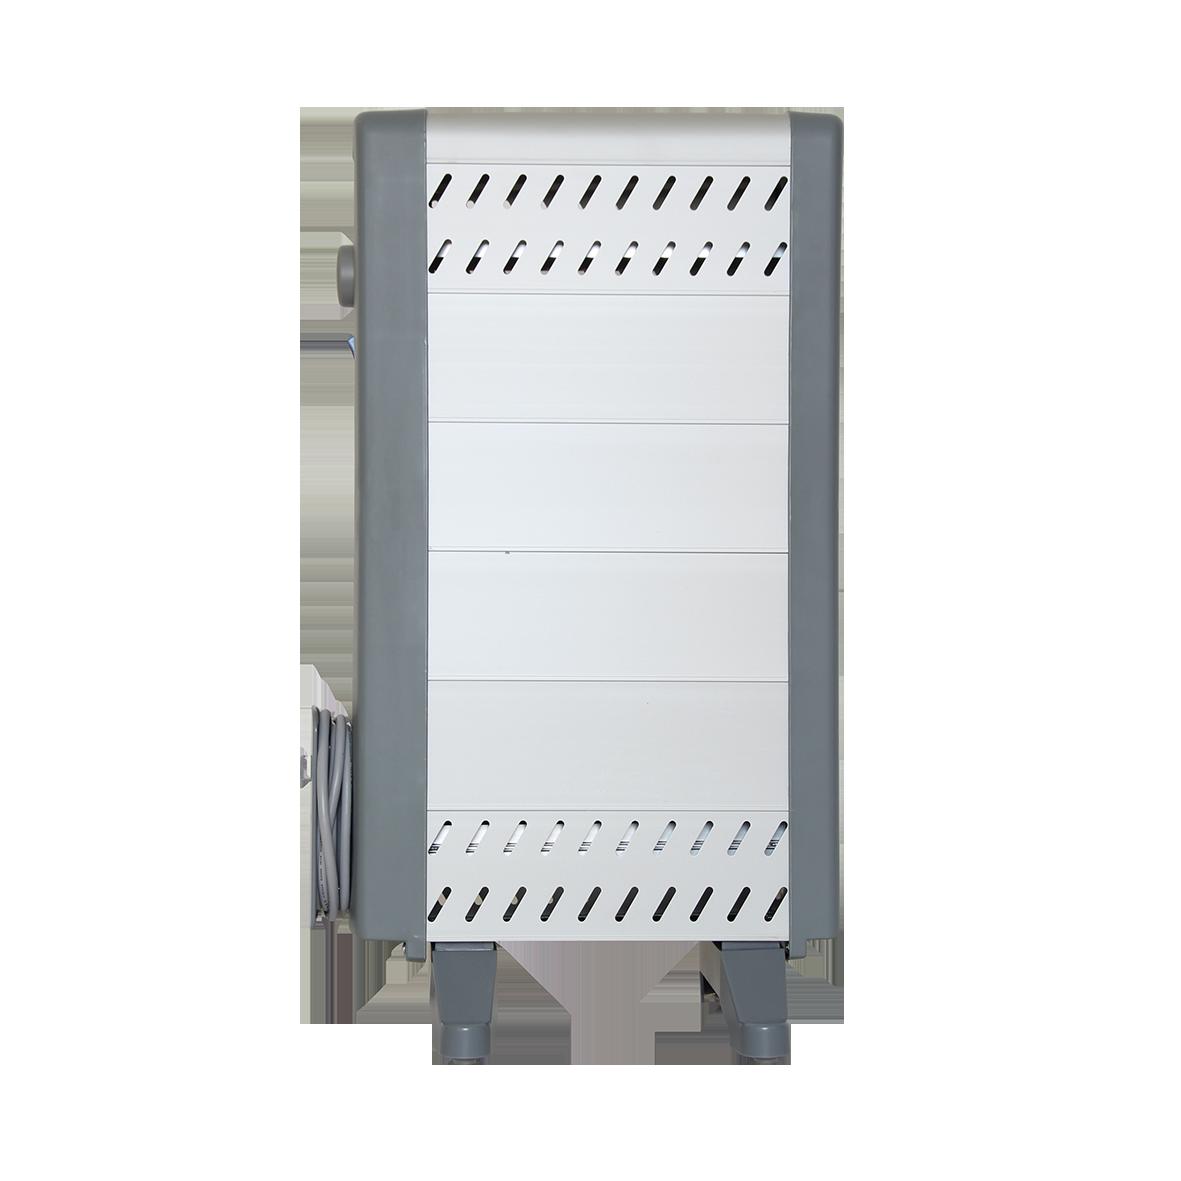 Конвектор Timberk TCR 510.HDAОбогреватели<br>Алюминиевый нагревательный элемент 5-ти уровней<br>Высокий уровень комфортности в работе, профилактике и обслуживании<br>Минимальный вес прибора и удобство в перемещении<br>Отсутствие посторонних запахов и абсолютная бесшумность работы<br>Прибор не сжигает пыль и кислород, сохраняя высокий уровень чистоты воздуха и экологию в доме<br>Высокий уровень безопасности работы<br>Встроенная защита от перегрева, замерзания и отключение при падении<br>Прибор имеет встроенный терморегулятор и три режима работы: Экономичный / Средний / Максимальный нагрев<br><br>Тип: конвектор<br>Серия: Timberk Professional<br>Максимальная мощность обогрева: 1000<br>Площадь обогрева, кв.м: 9<br>Отключение при перегреве: есть<br>Отключение при опрокидывании: есть<br>Габариты: 600х358х240 мм